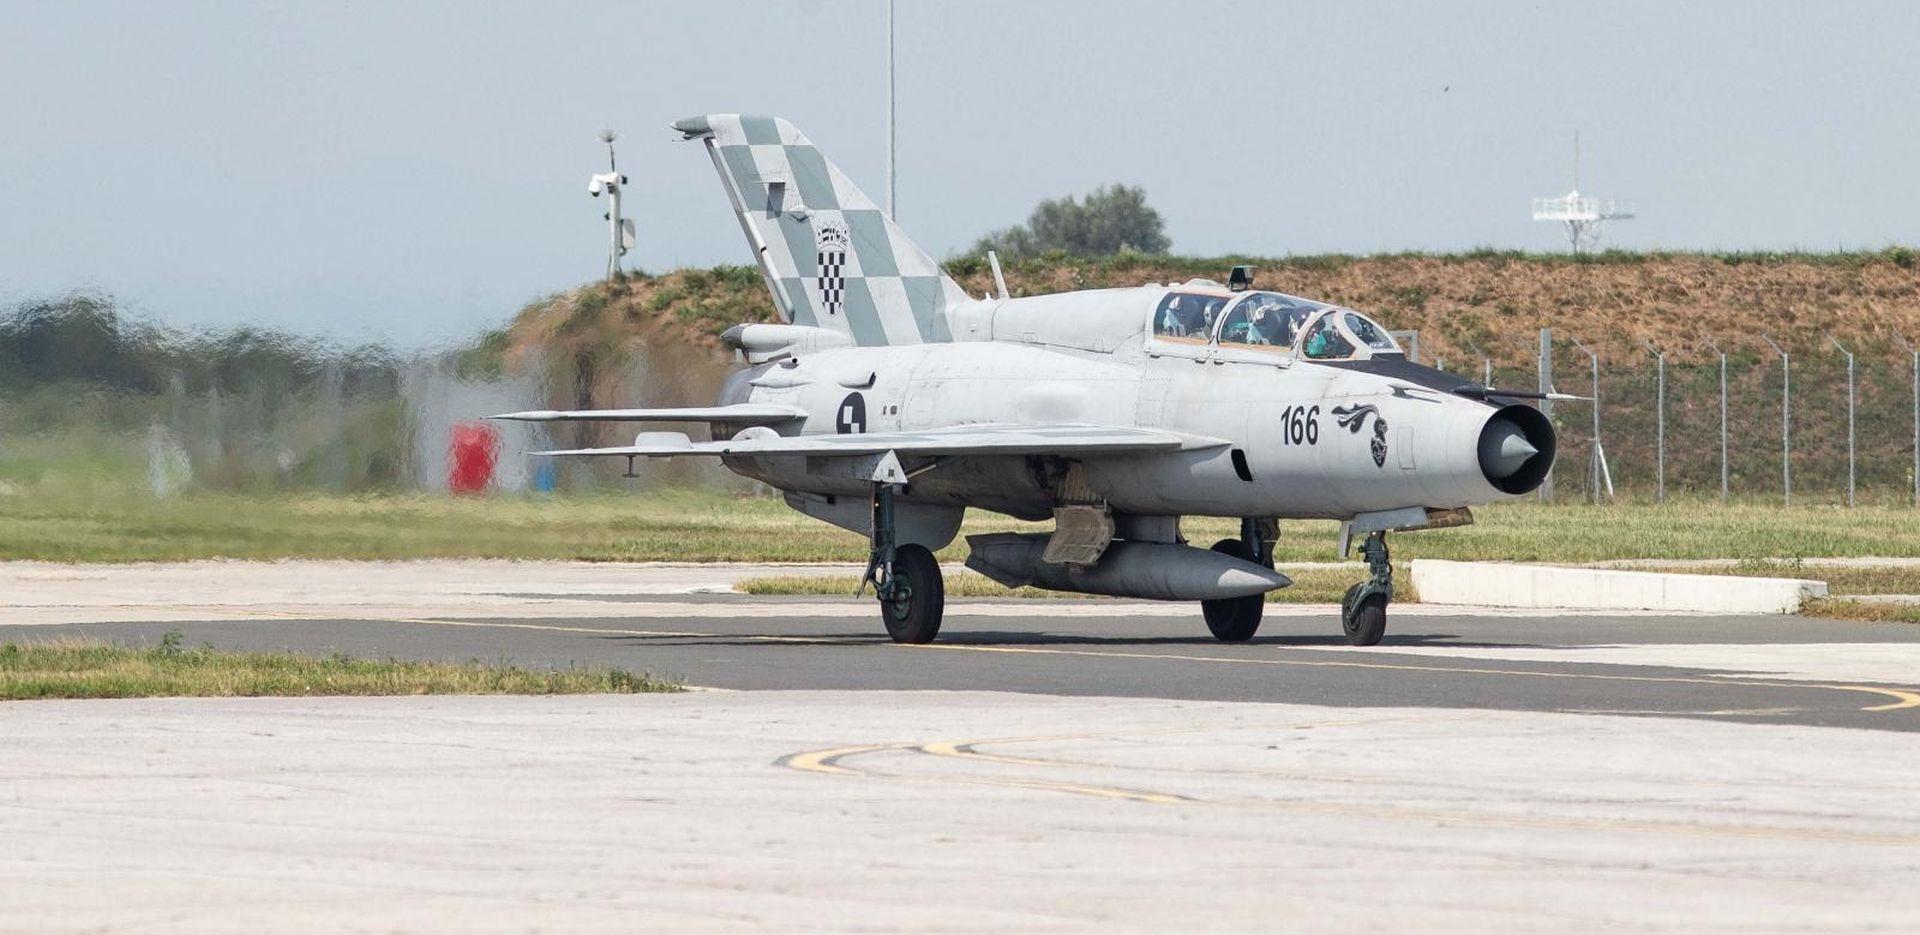 Hrvatska odustaje od izraelskih aviona?